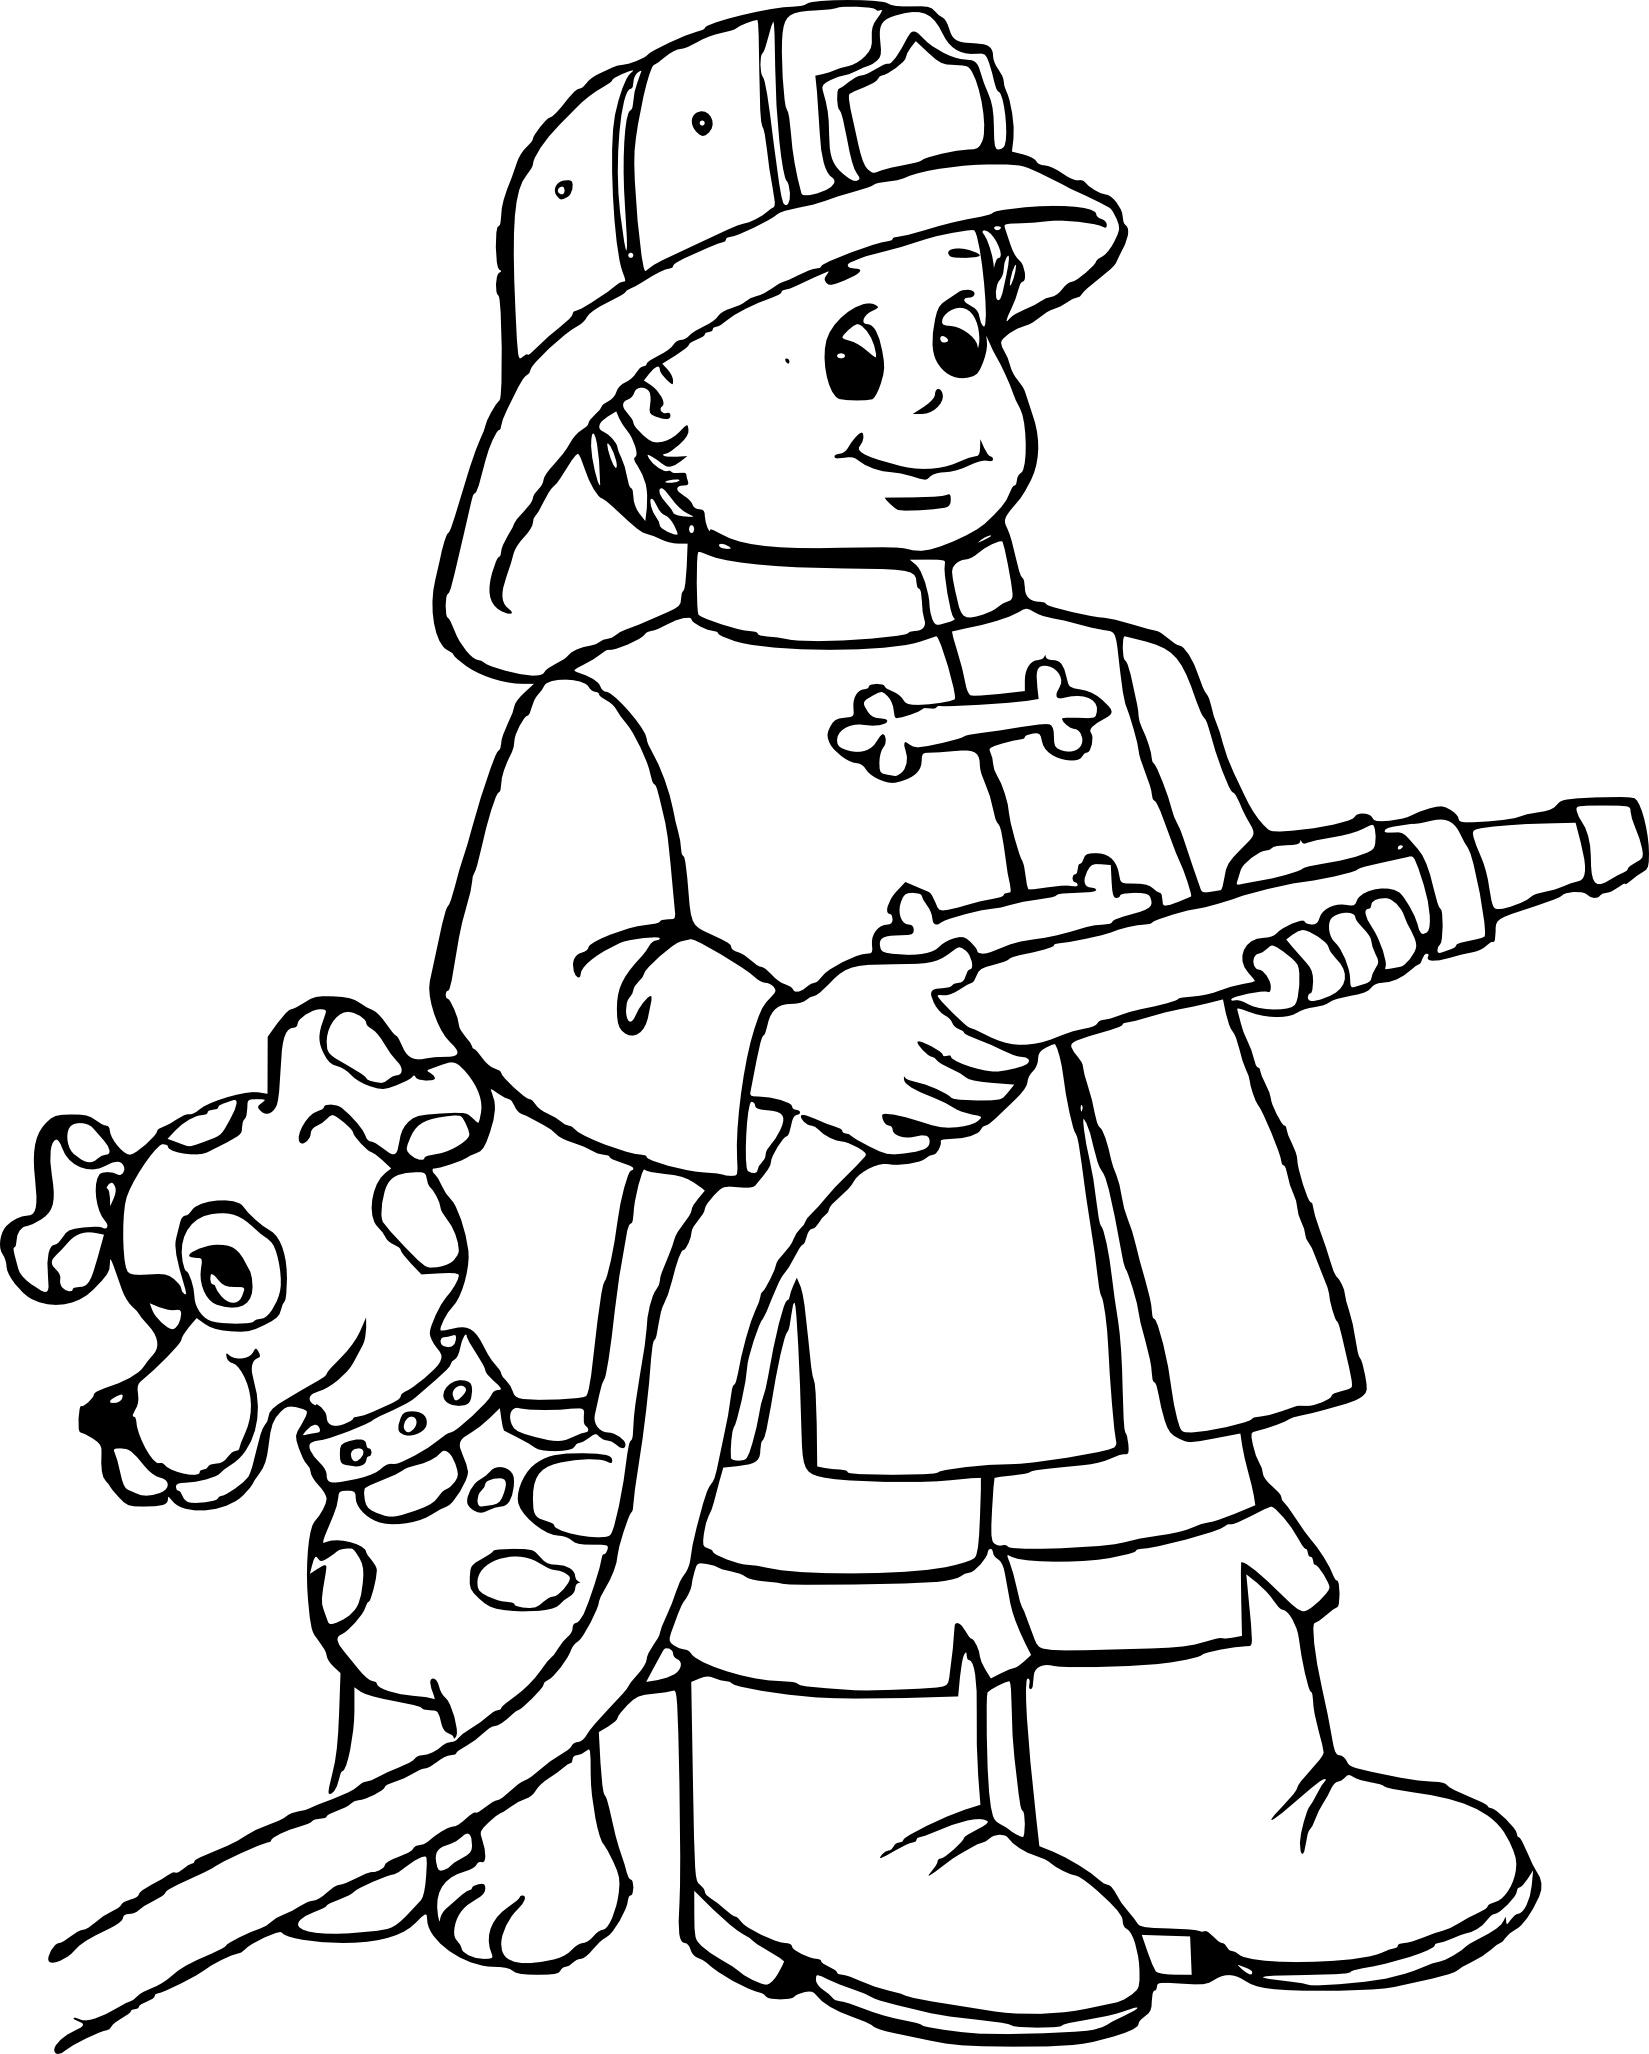 Coloriage Pompier Gratuit À Imprimer encequiconcerne Coloriage Pompier A Imprimer Gratuit